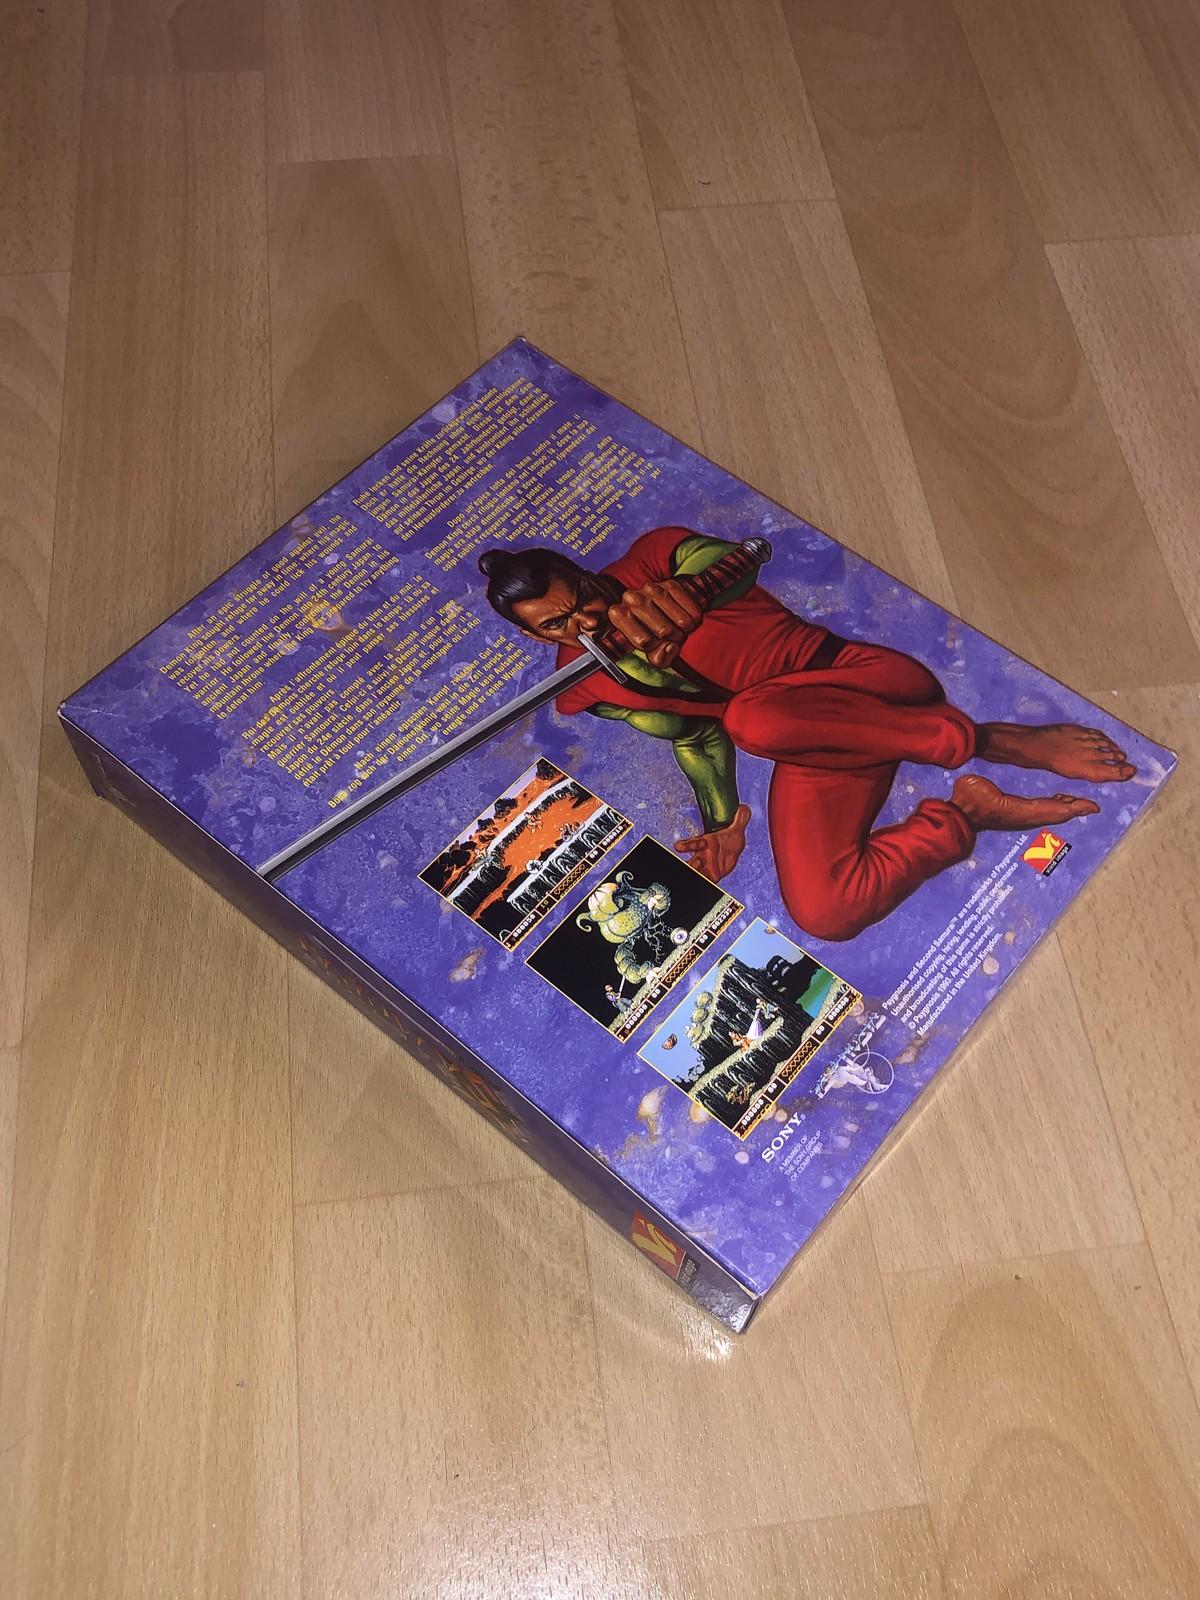 [VDS] Jeux Amiga, X68000, Atari, magazines 51006280370_6916ec27fe_h